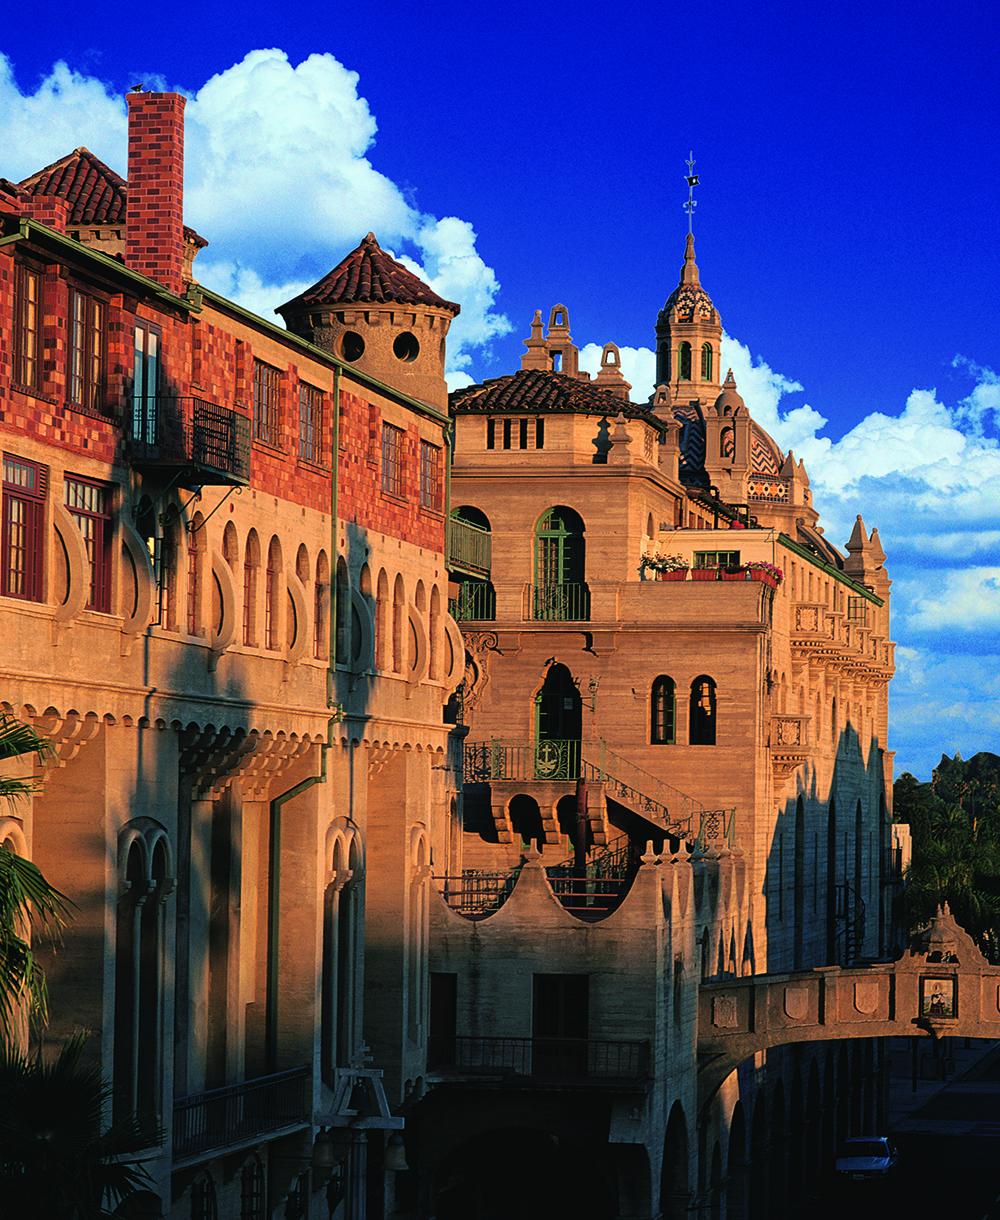 resized exterior castle shot.jpg